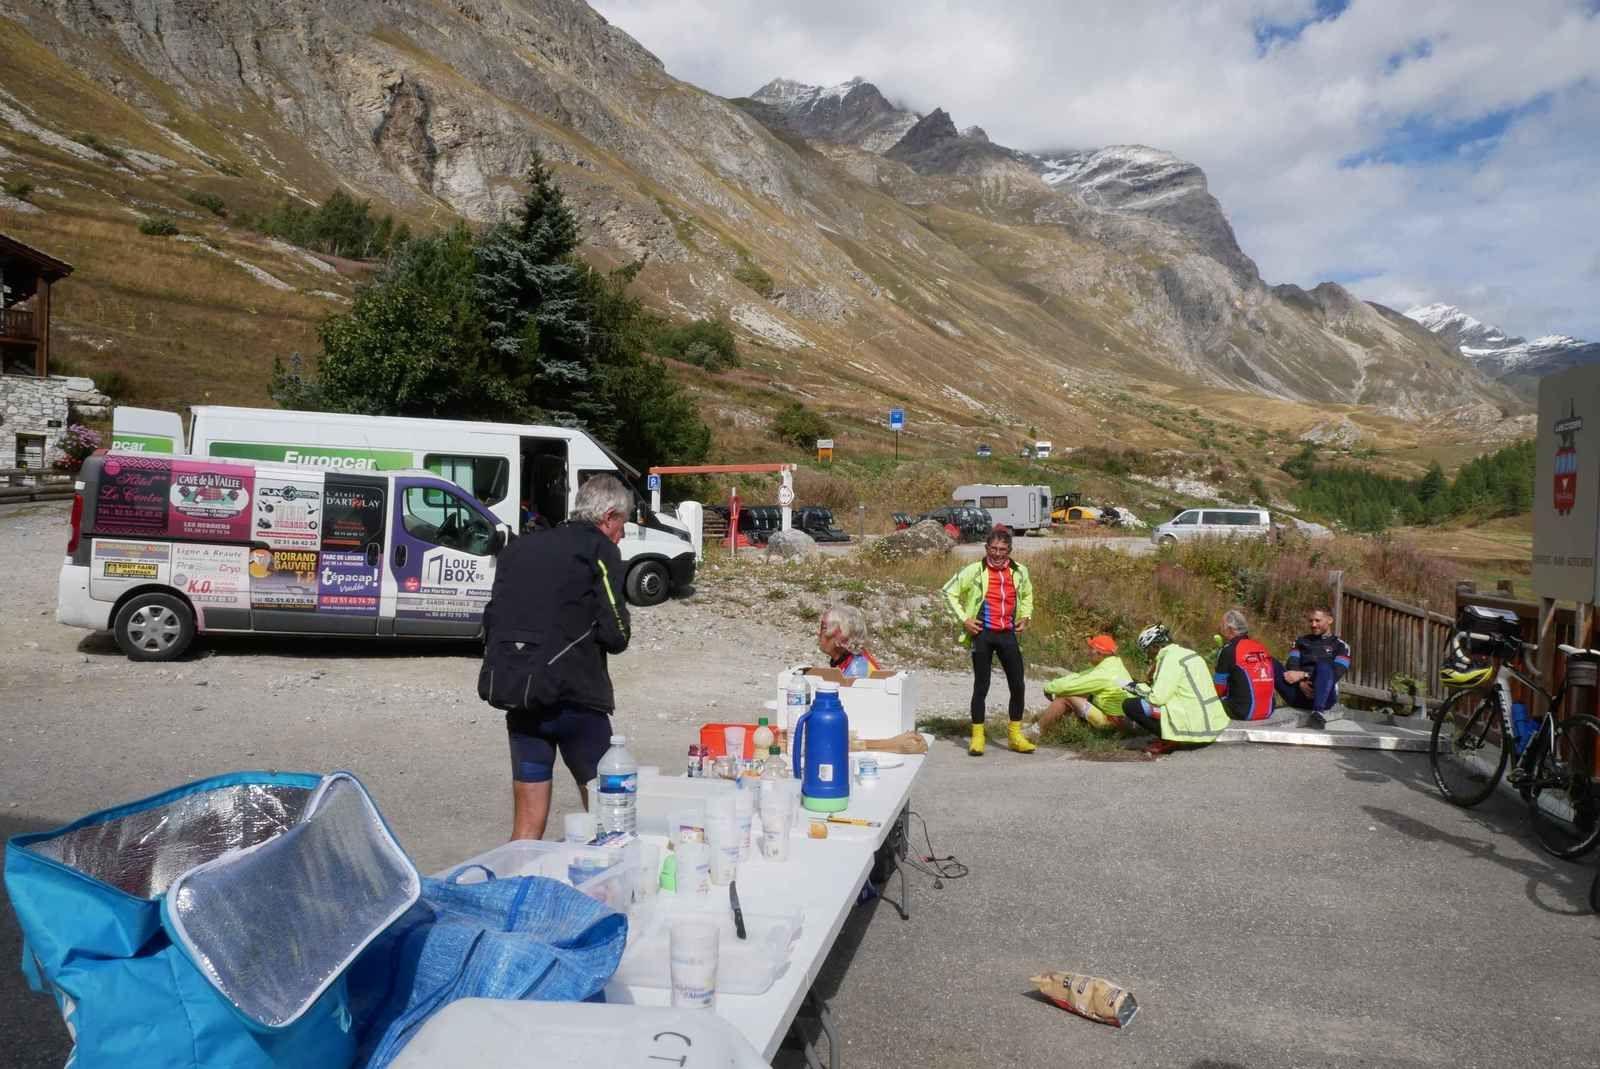 Val d'Isère, le lieu de rendez-vous pour le déjeuner. Il est 14 heures.